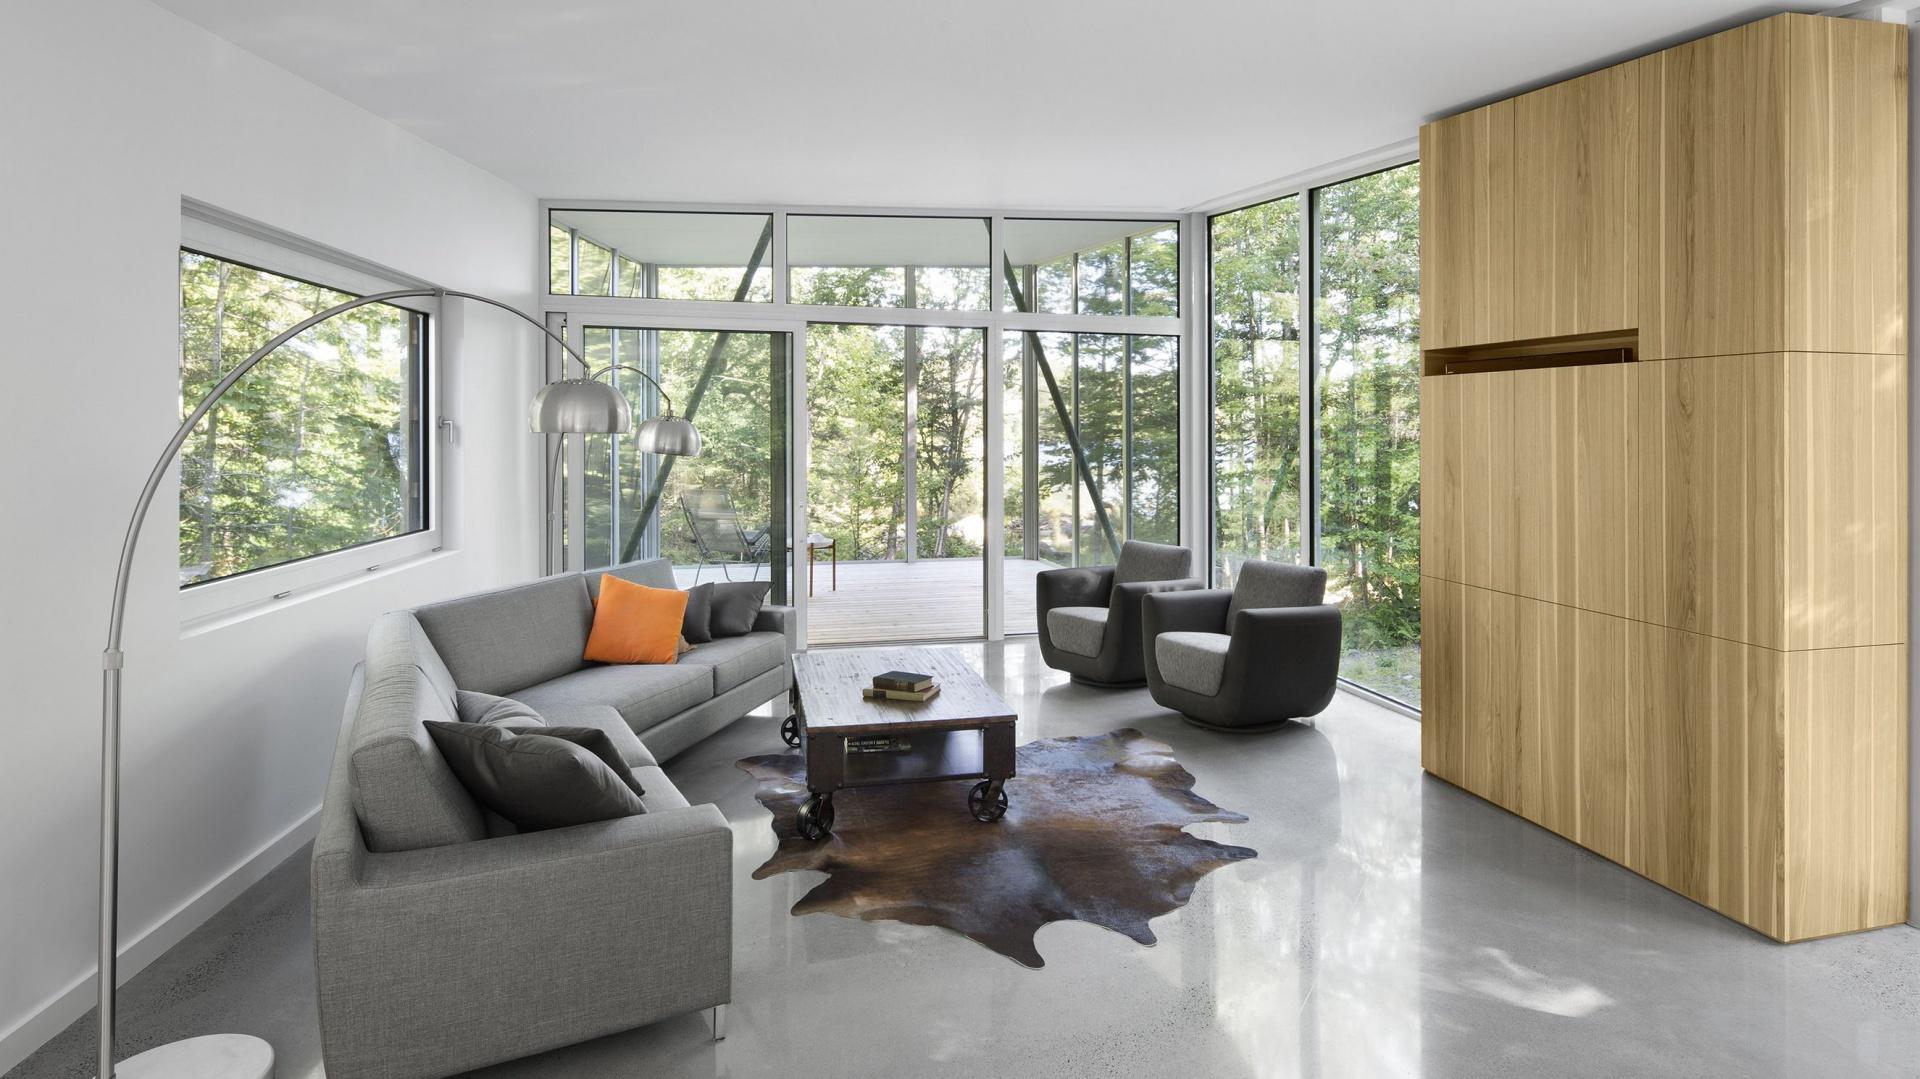 Połączenie szkła w formie ogromnych okien, betonu na podłogach oraz naturalnego drewna zabudowy meblowej tworzy elegancką, nowoczesną kompozycję. Projekt: Paul Bernier architecte. Fot. Adrien Williams.